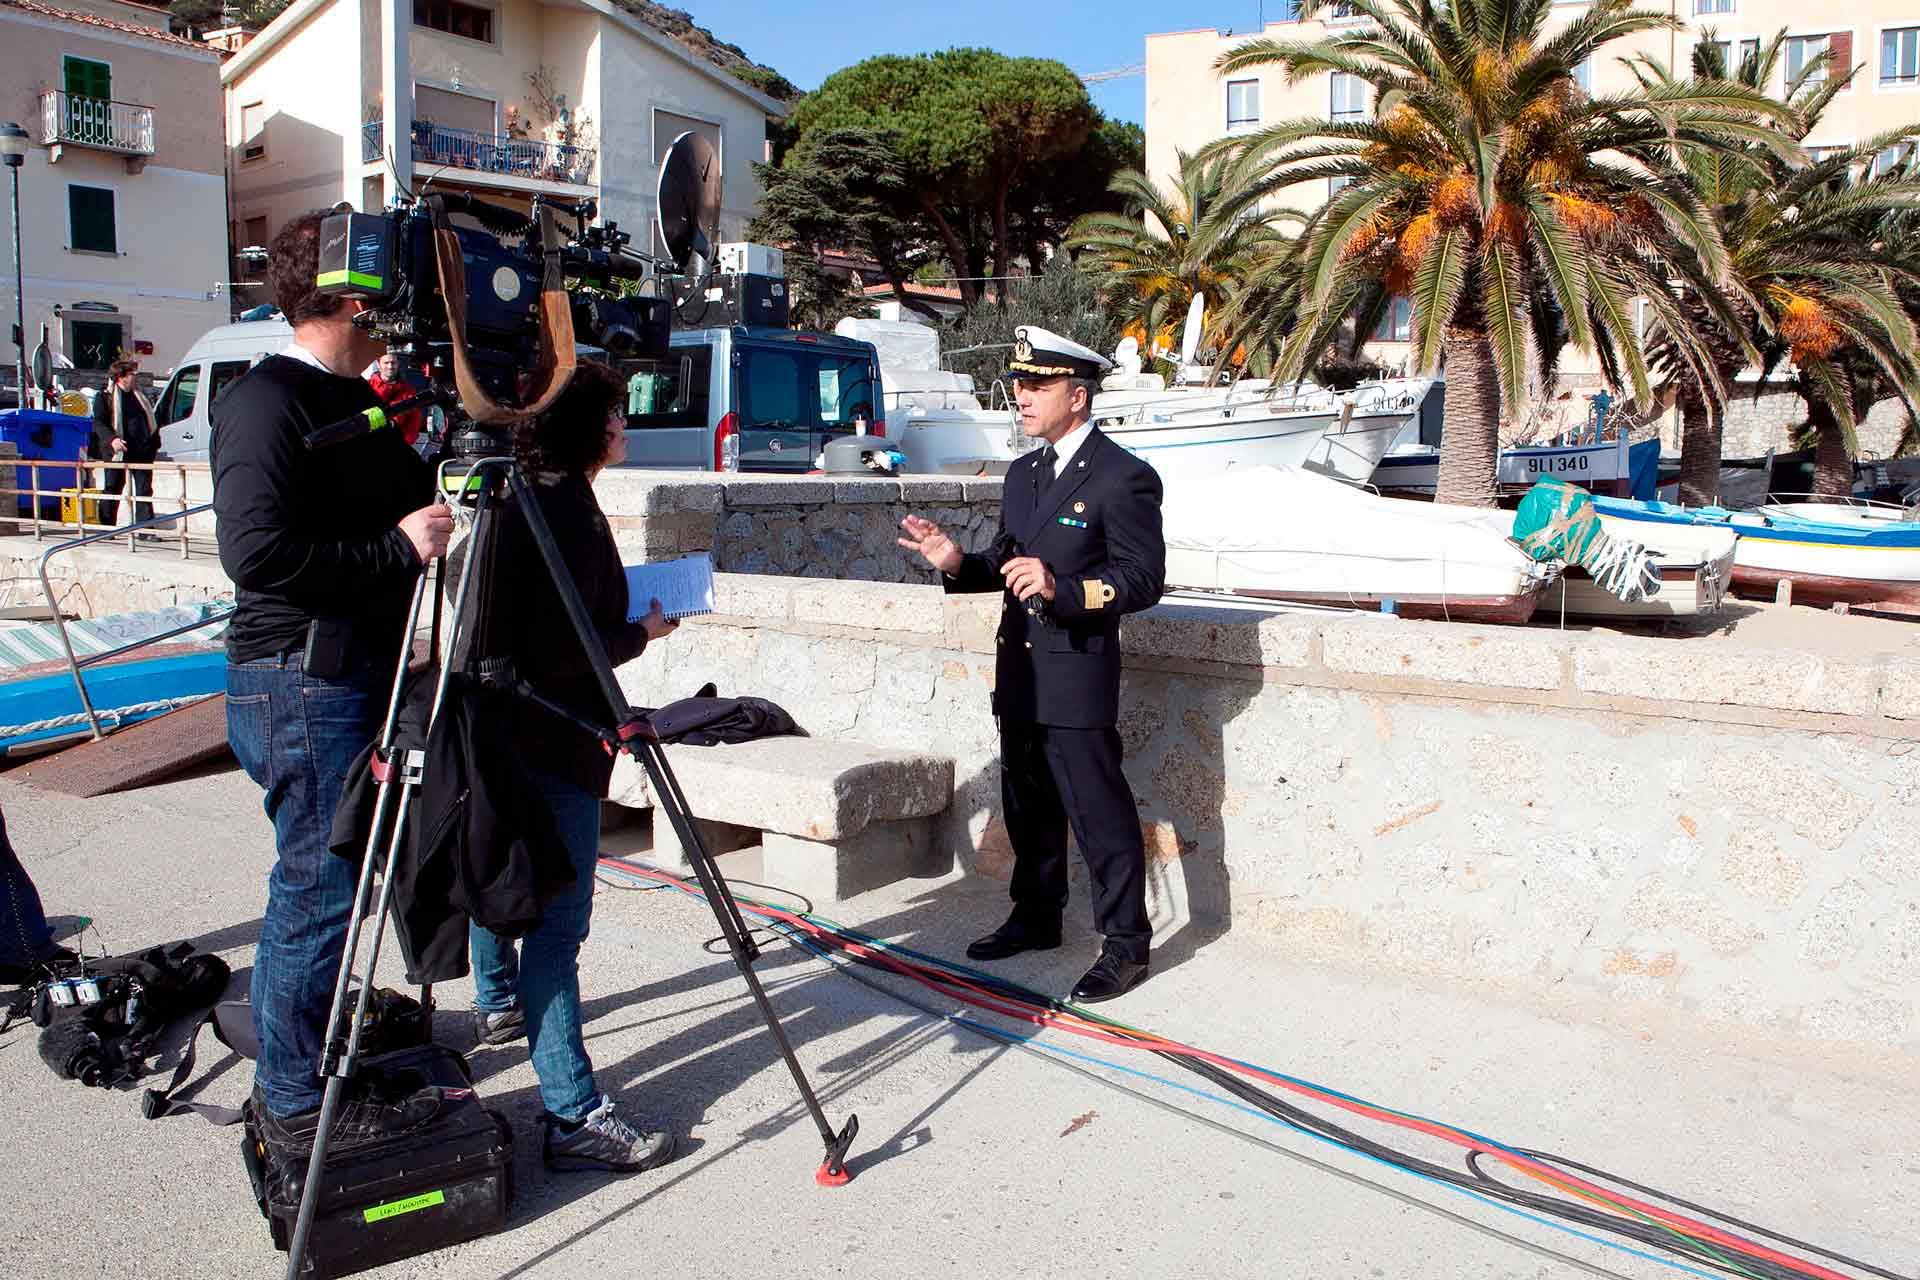 Anche nel caso della tragedia della Costa Concordia, i media hanno trasformato un tragico fatto di cronaca in un vero e proprio caso mediatico, con i suoi protagonisti, i colpi di scena, ed i riflettori sempre accesi.